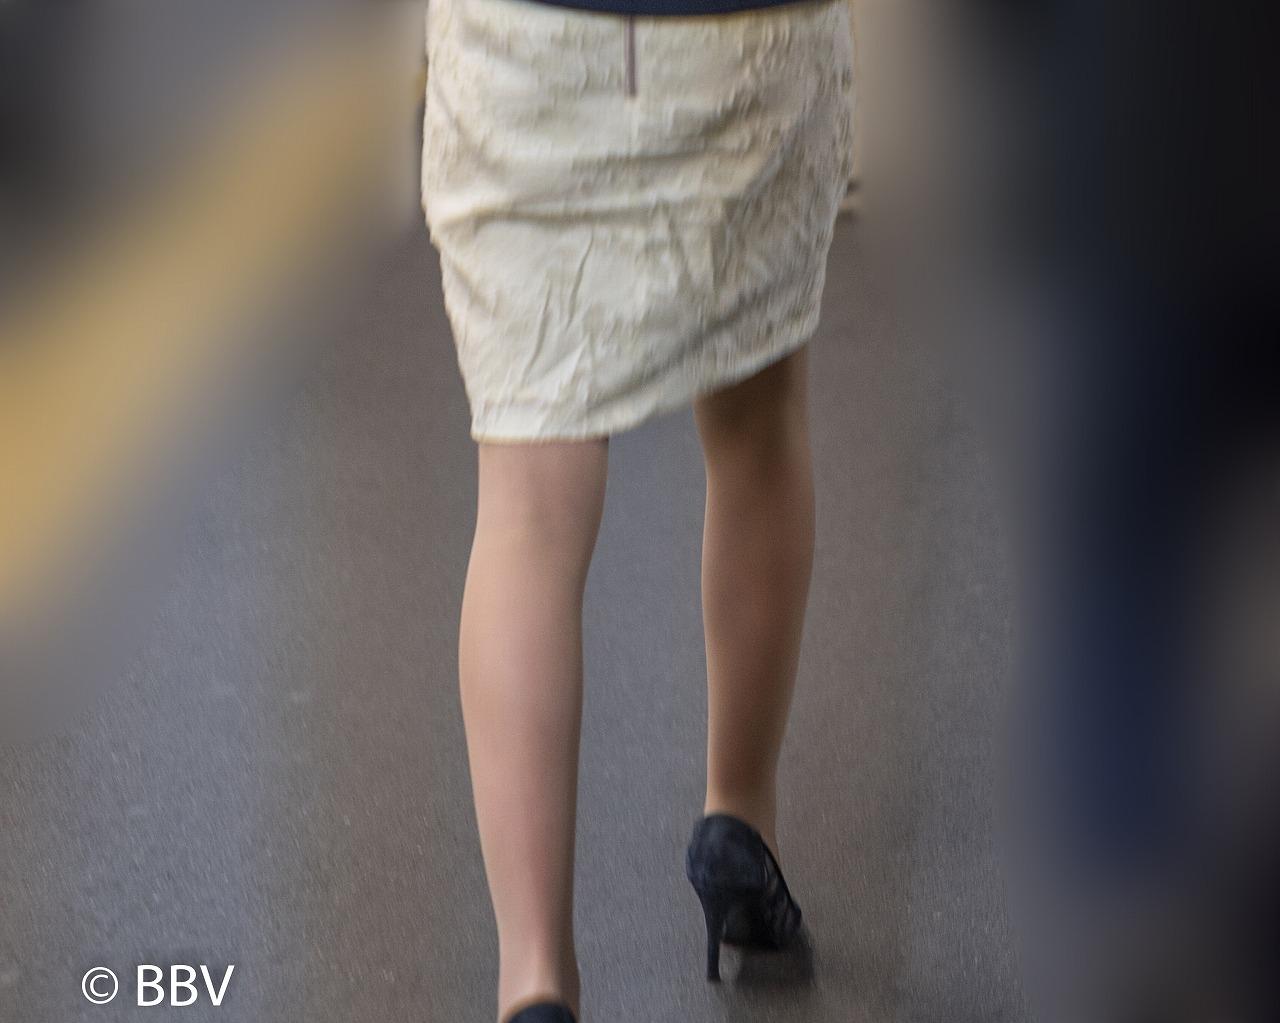 人妻の美脚!セレブ系マダムのナチュスト脚がエロい!